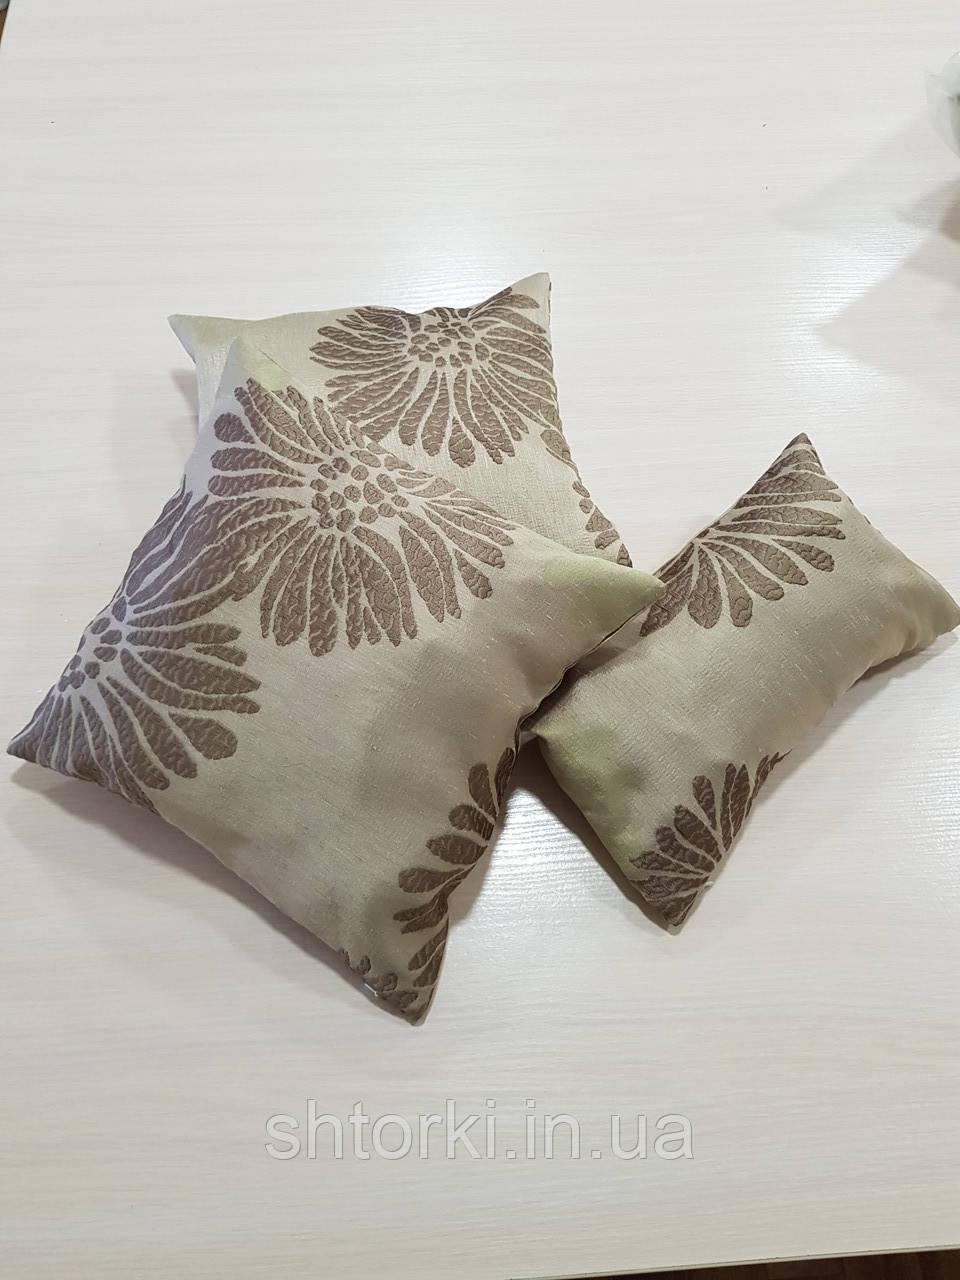 Комплект подушек коричневые Пионы на оливковом фоне , 3шт